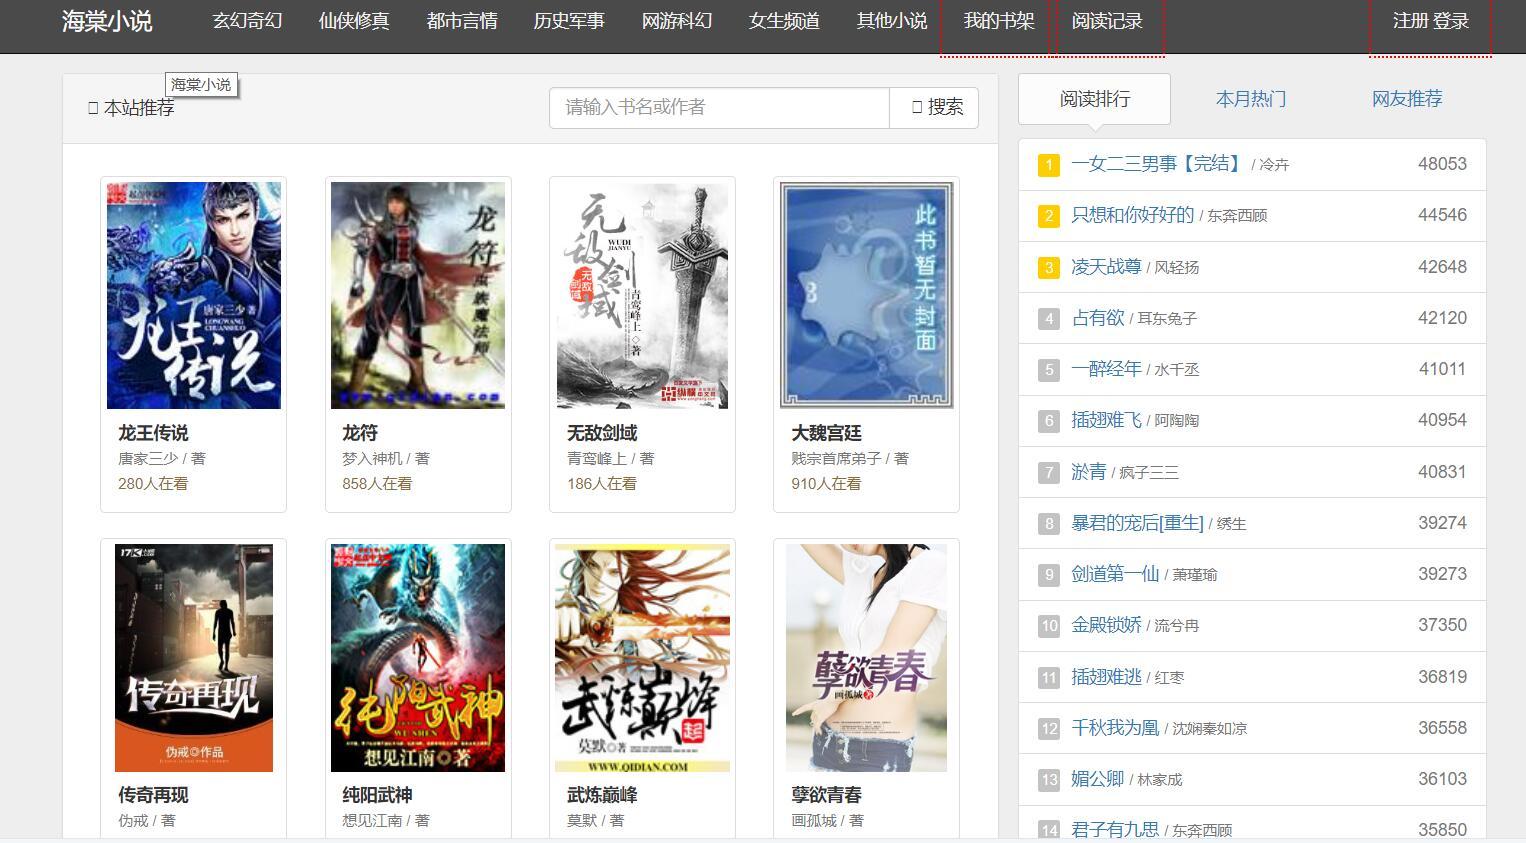 海棠小说在线阅读